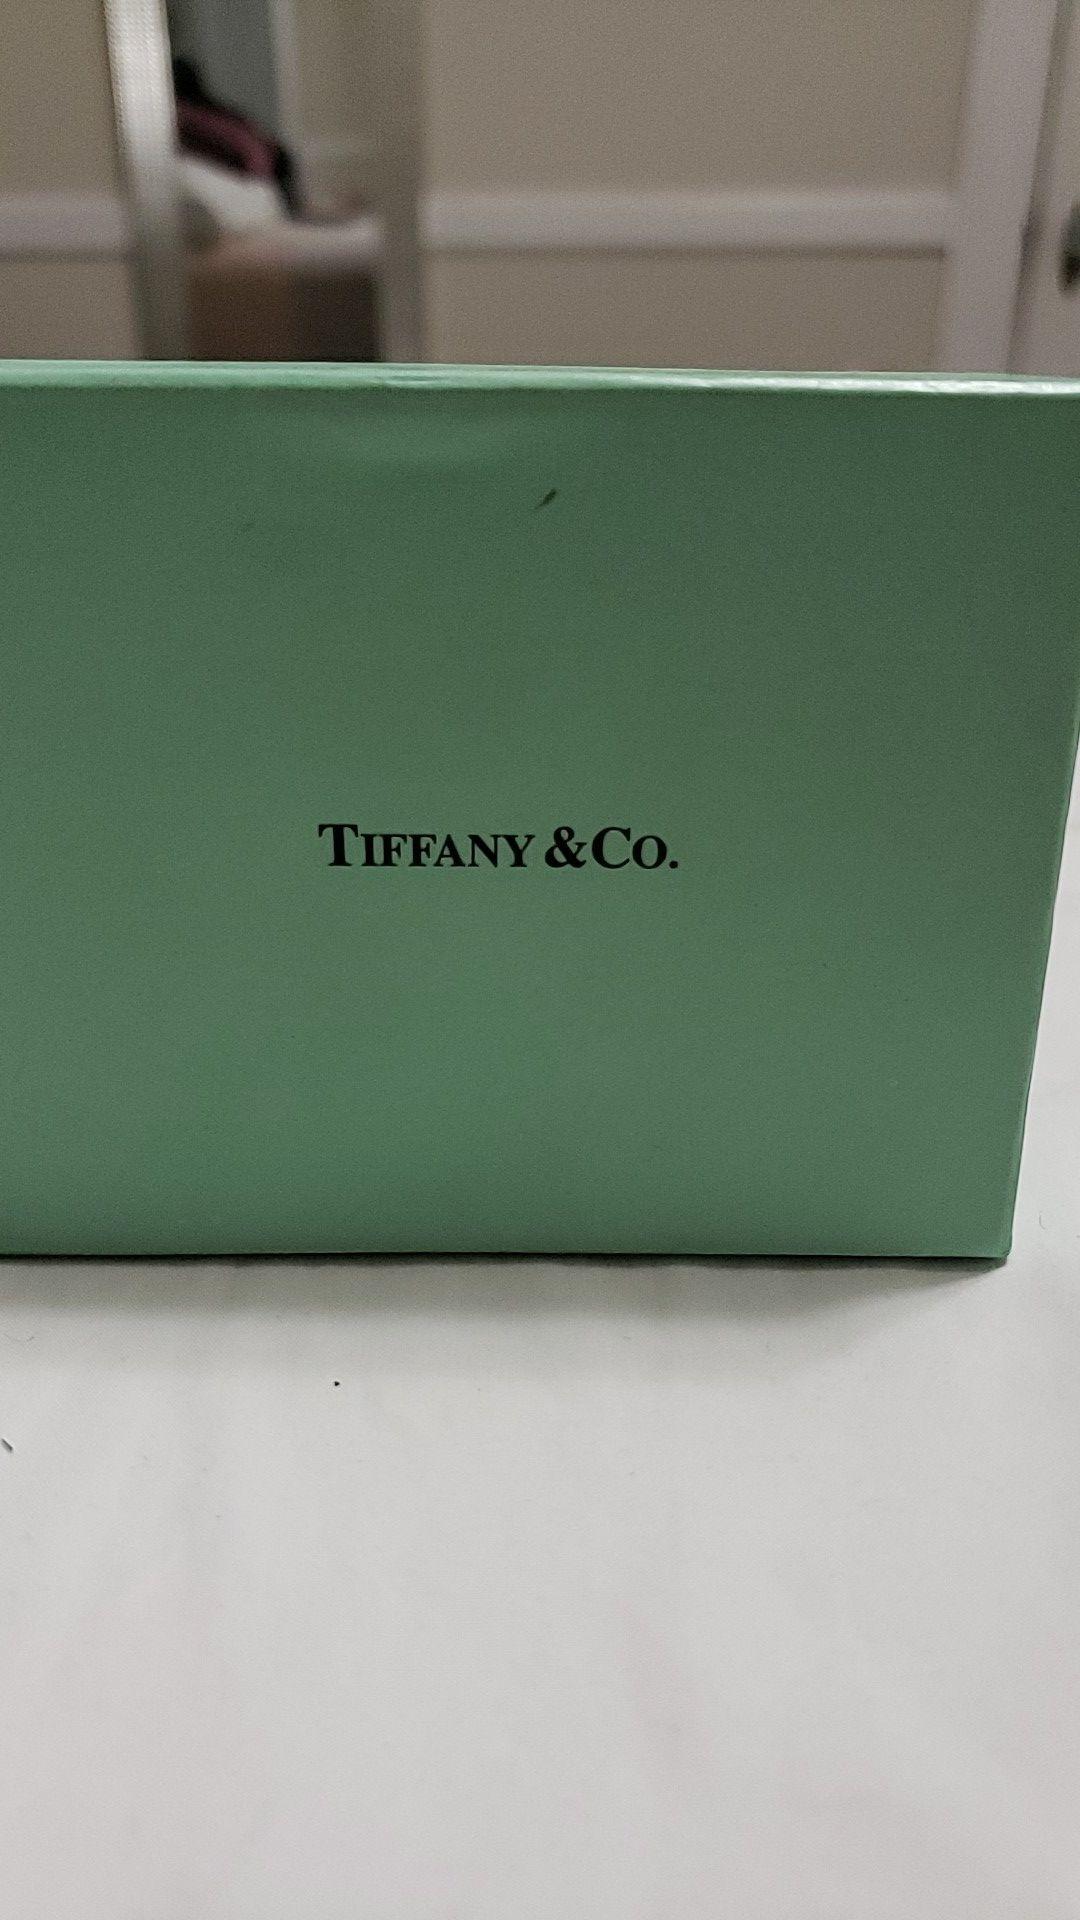 Tiffany & Co. Bracelet and Necklace Set.